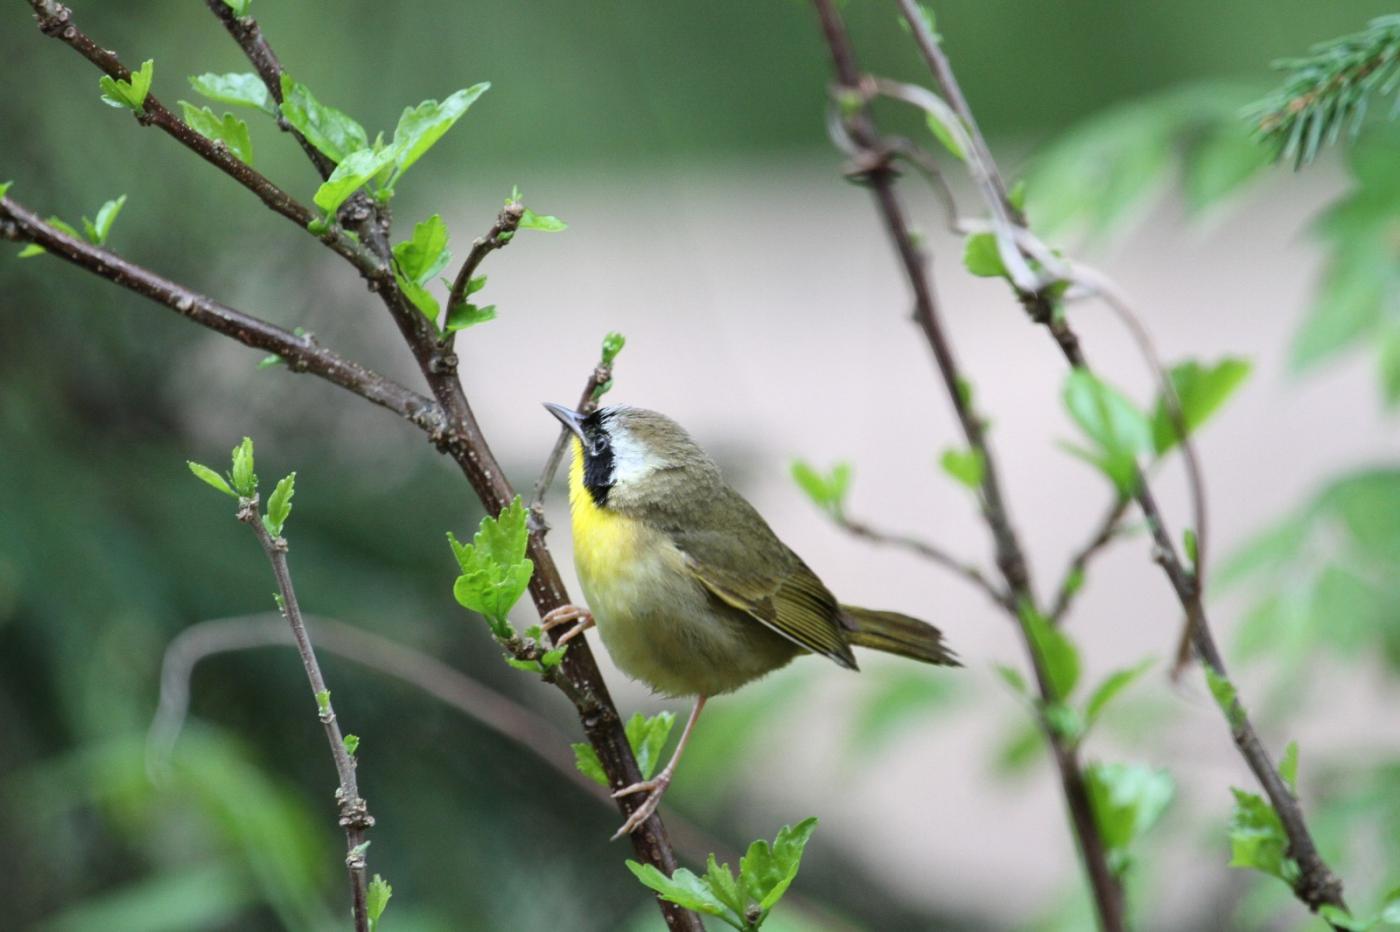 【田螺摄影】雨后窗外的小黄鸟_图1-12